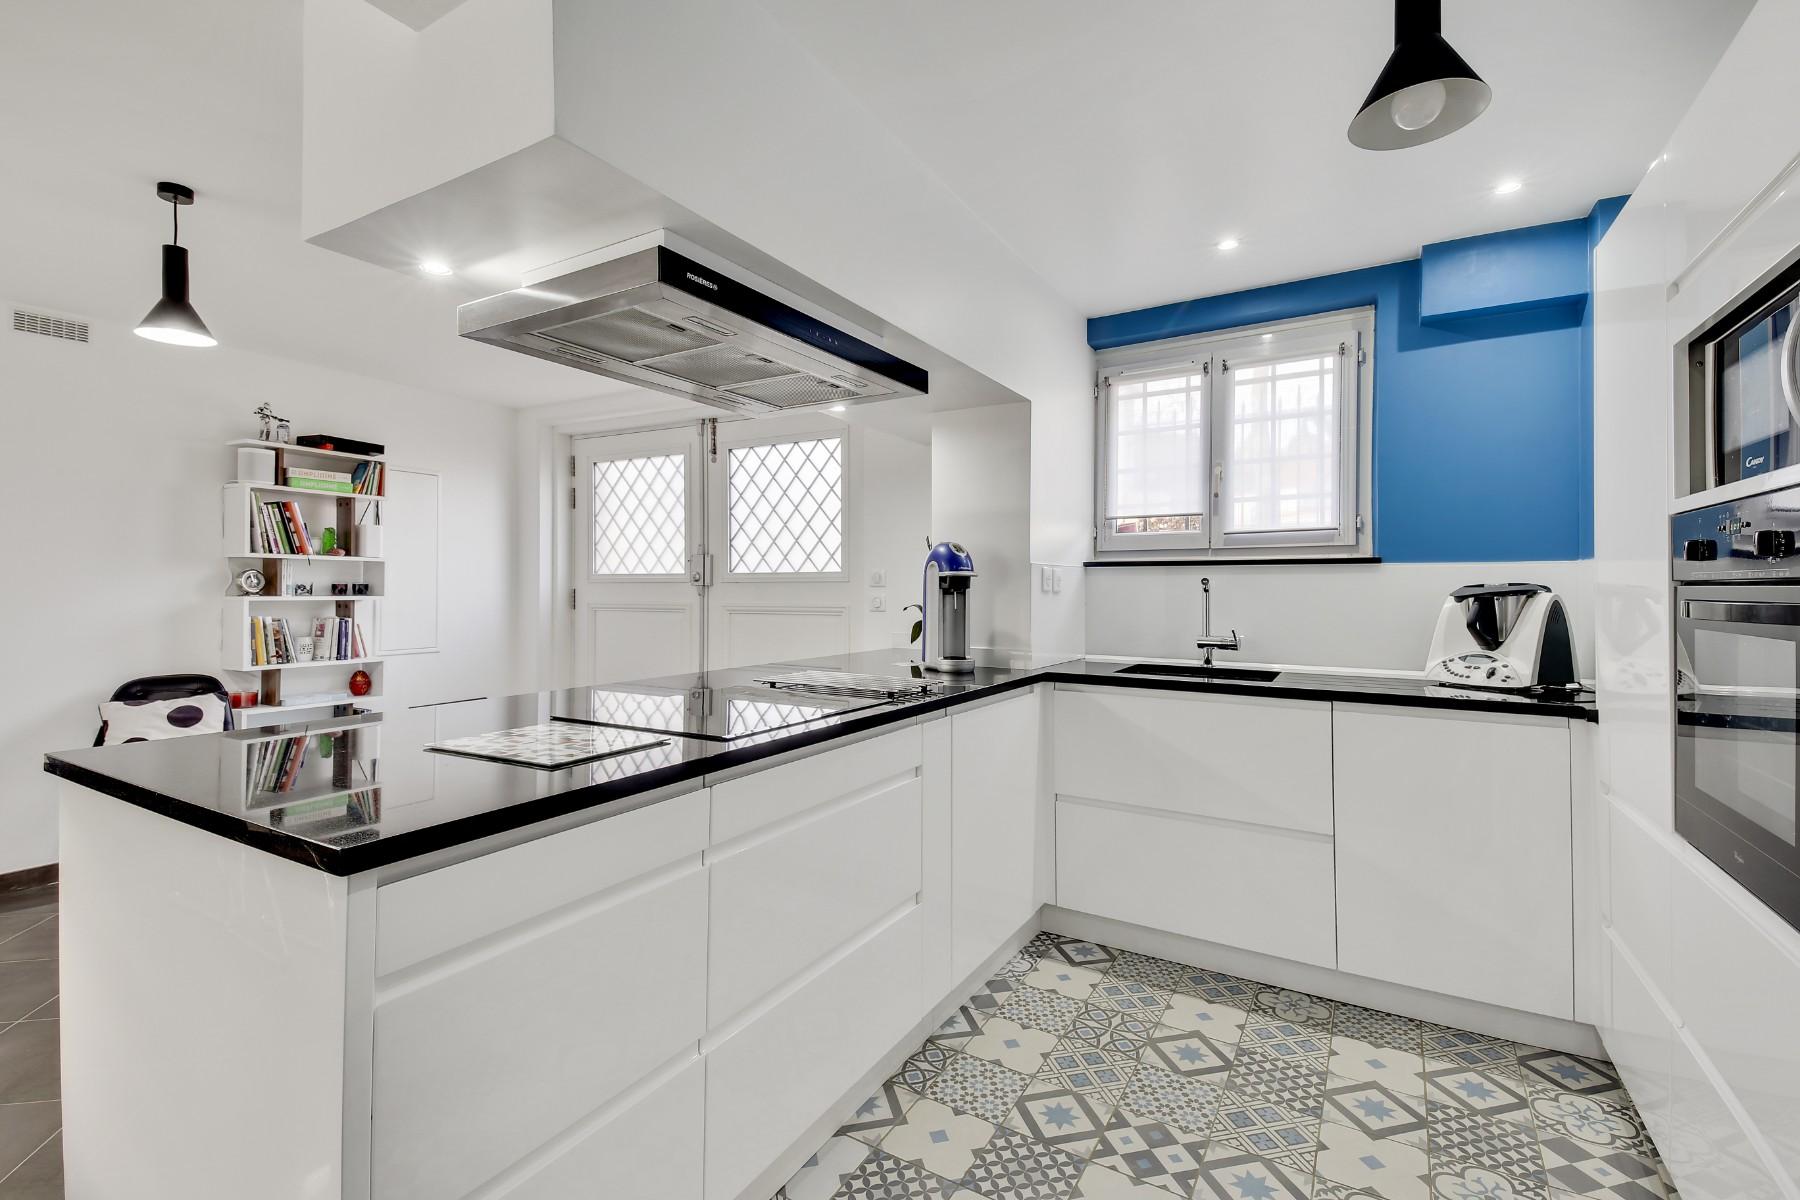 Rénovation d'une cuisine par un architecte Archibien